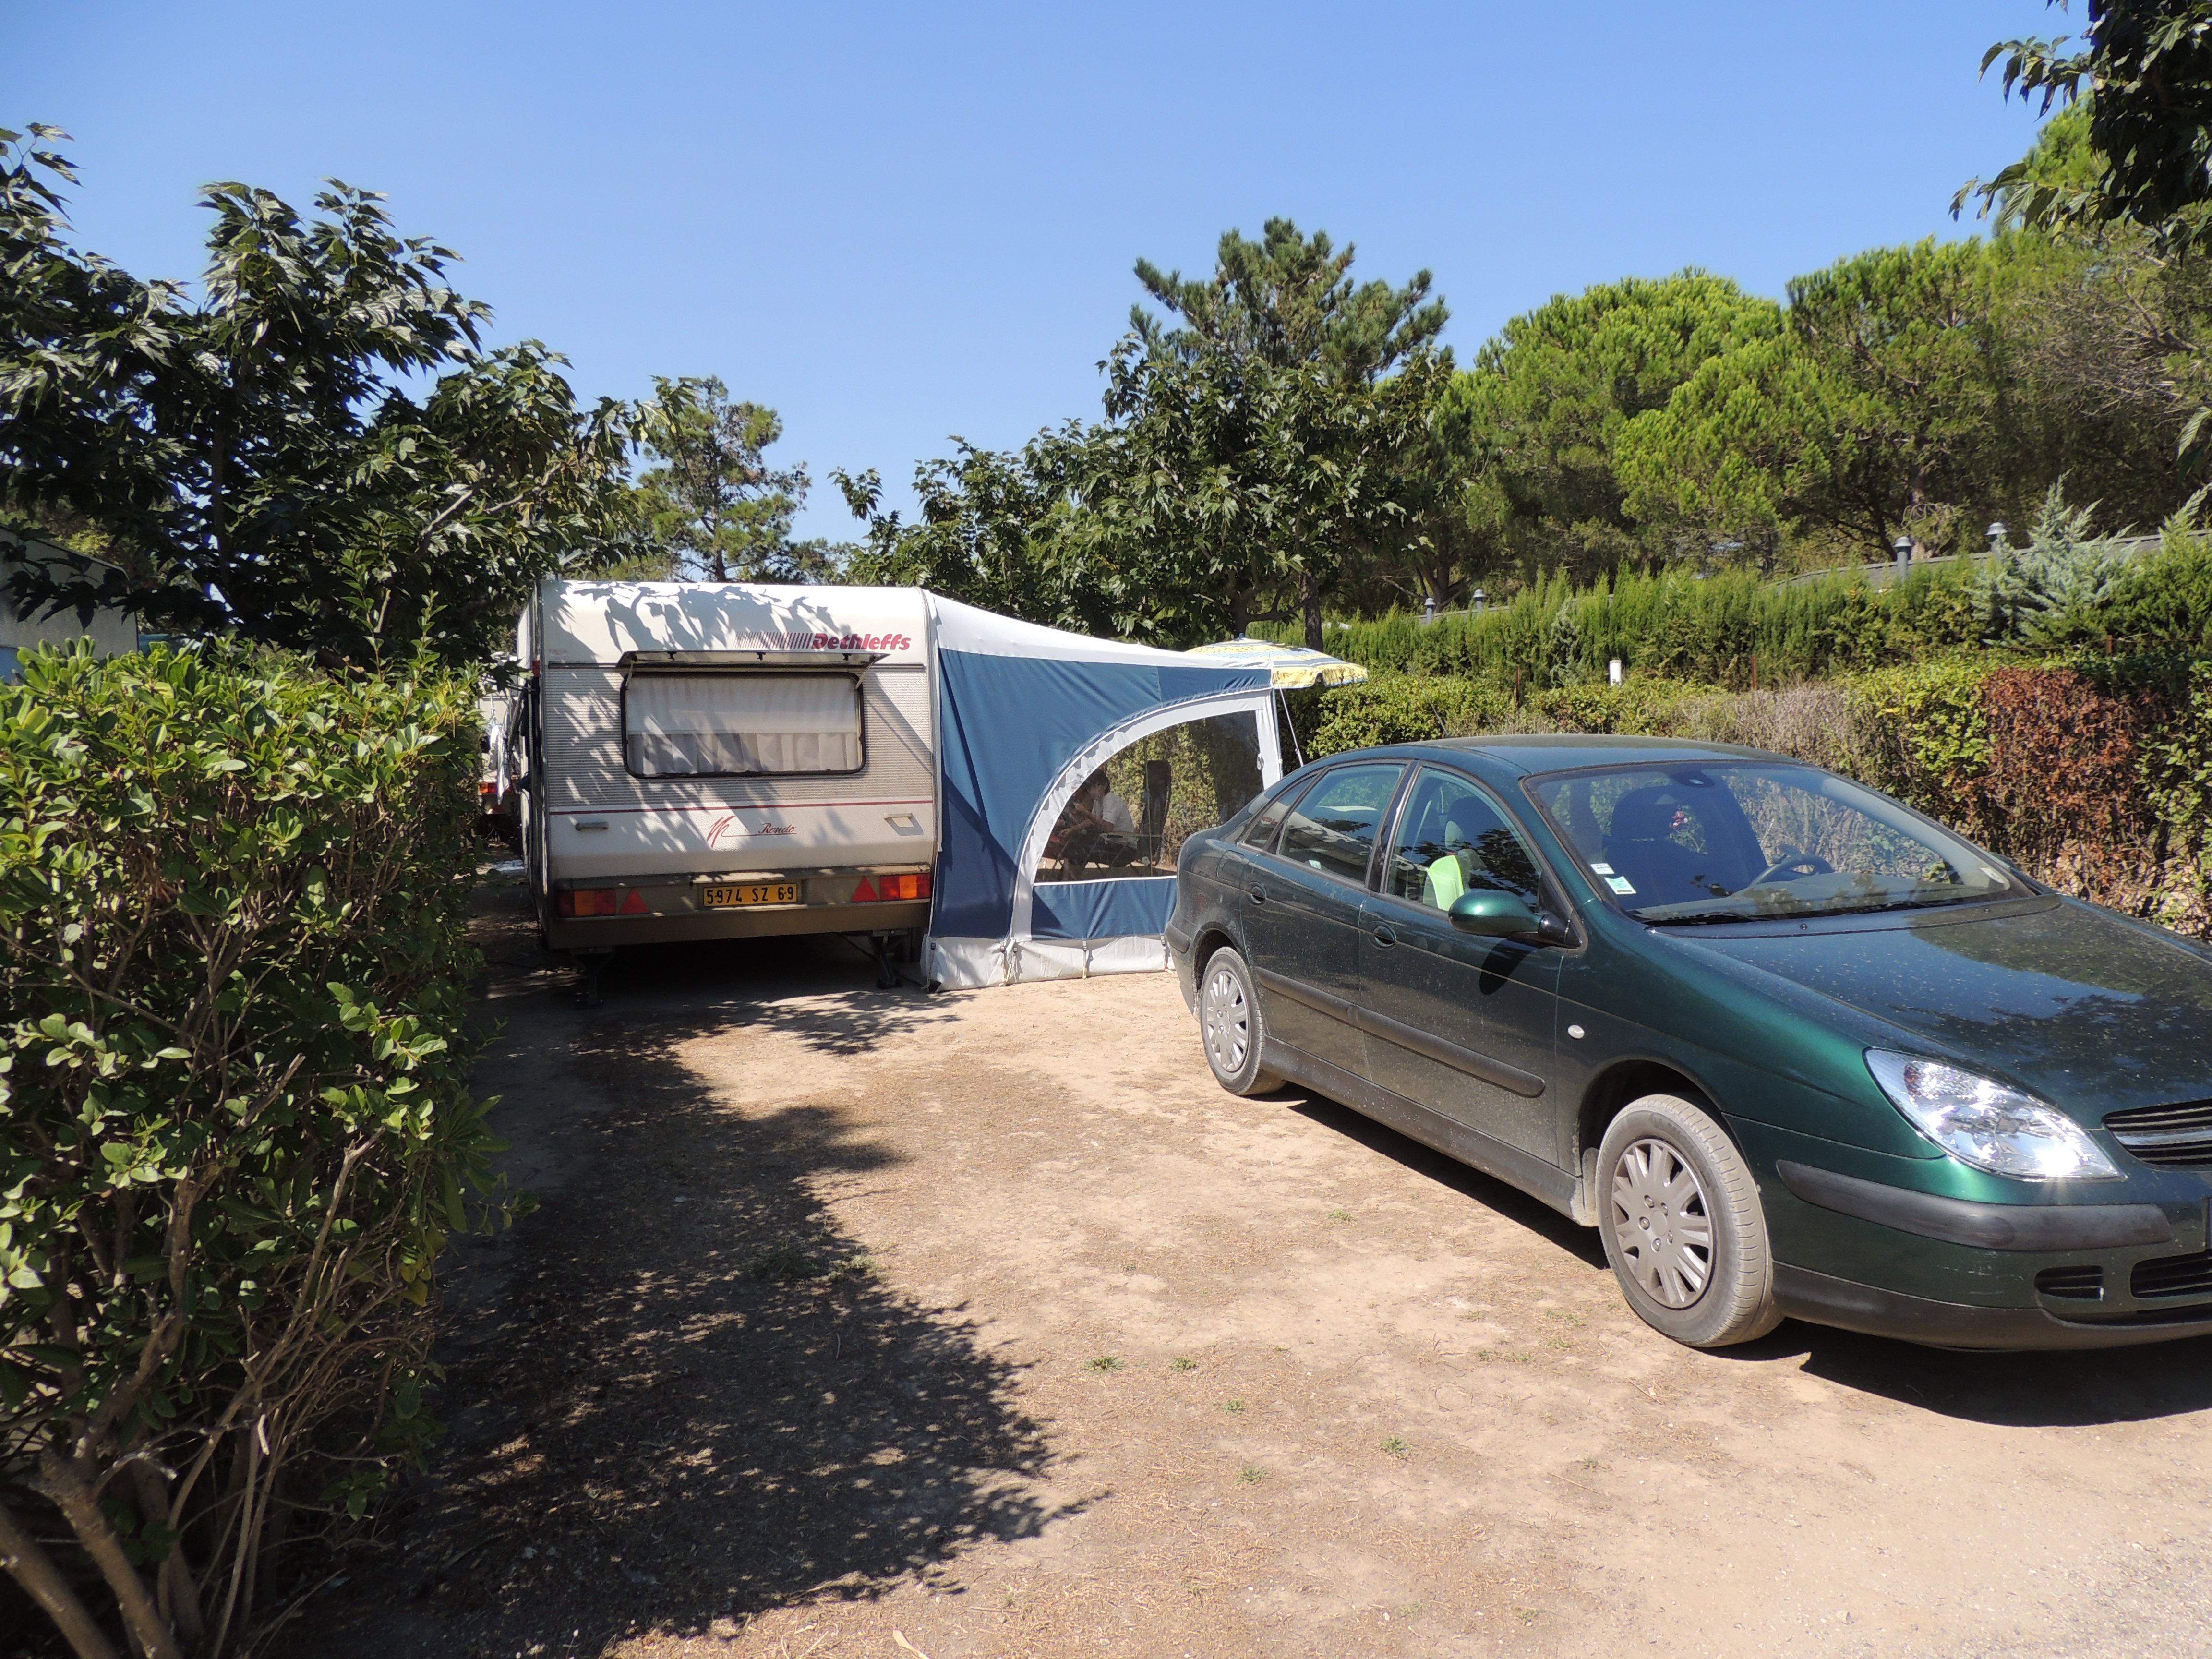 Emplacement - Emplacement En Camping  Électricité - Chadotel Camping Le Trivoly